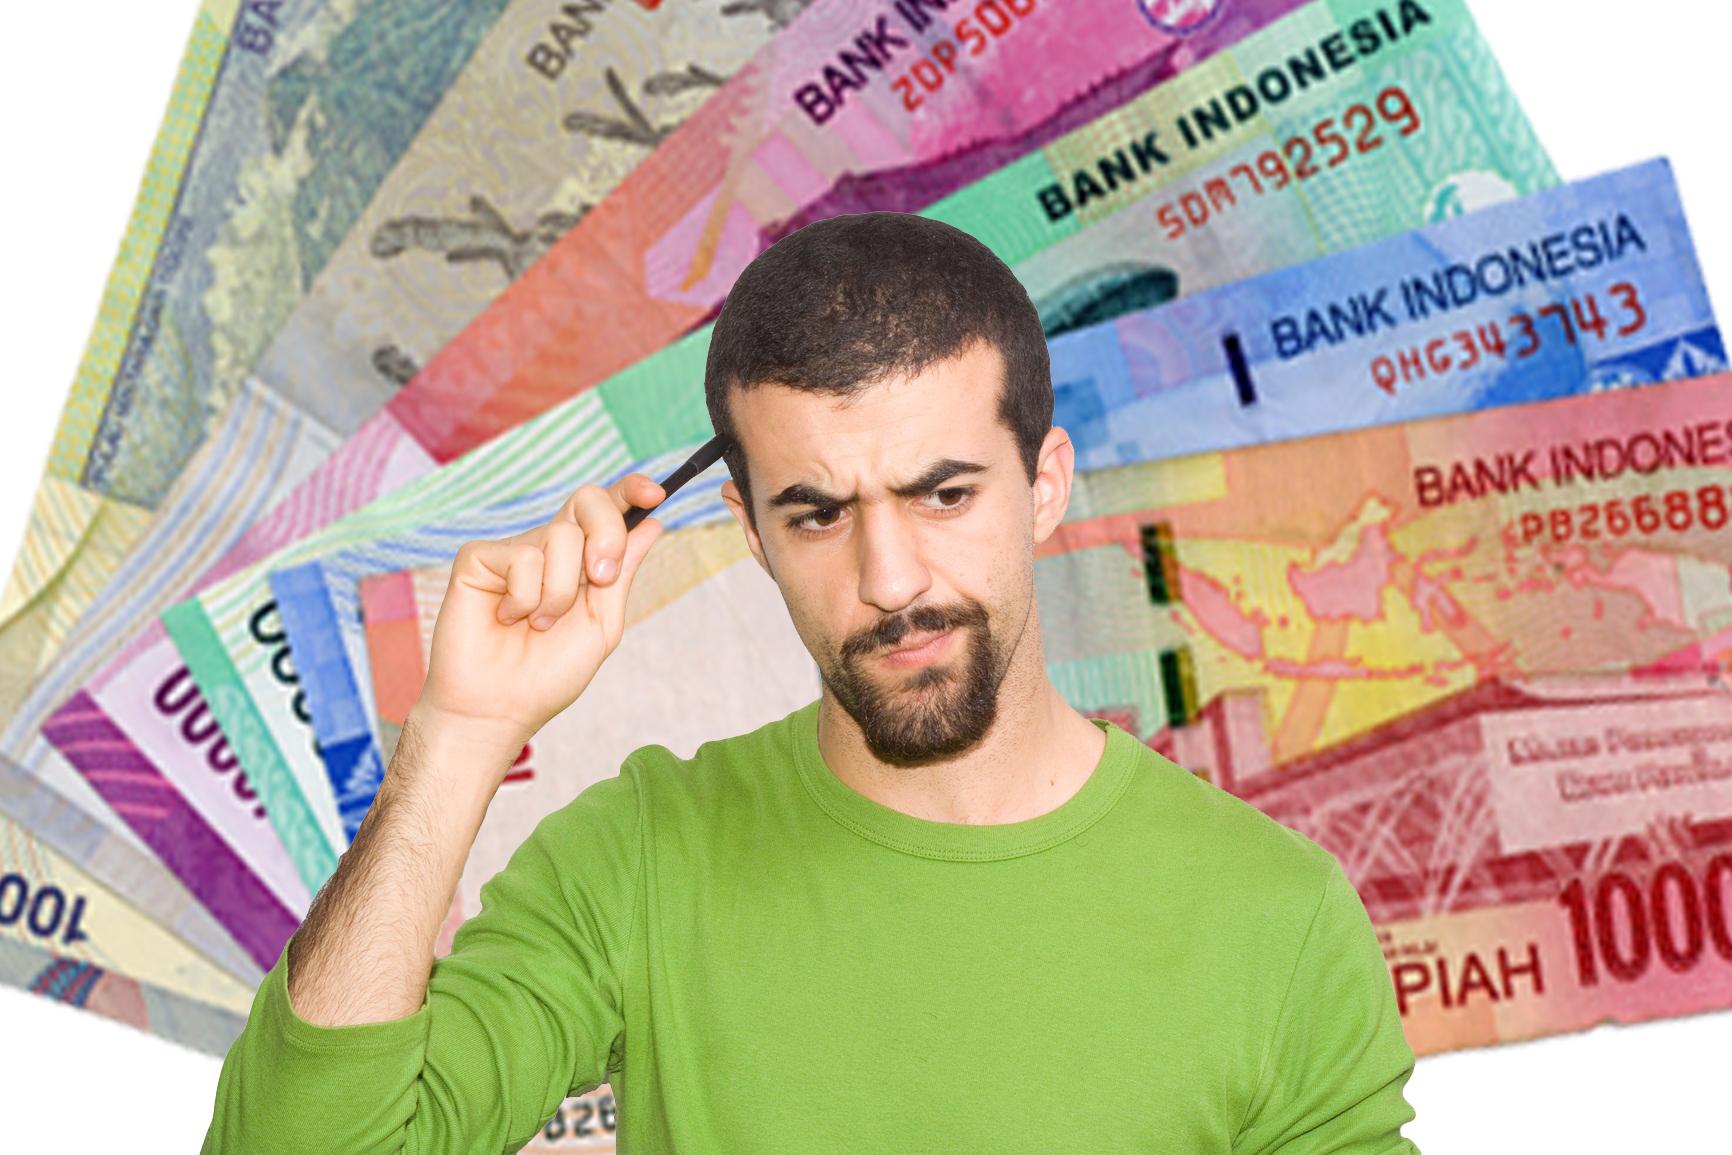 Ketahui Keuntungan dan Resiko Kredit Agar Lebih Pintar Mengelola Uang